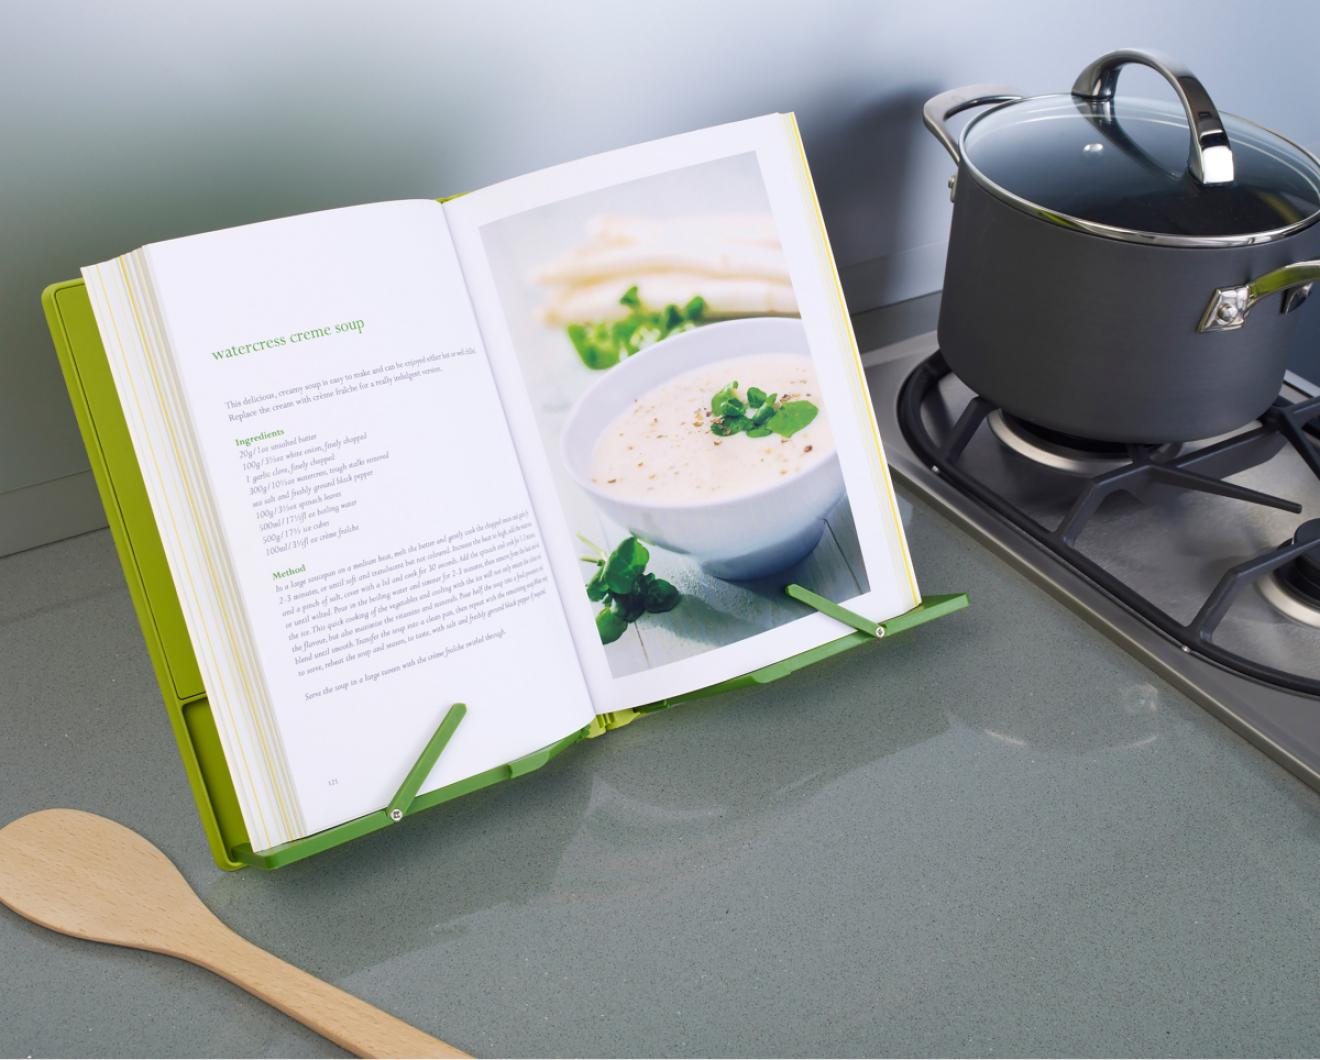 Leggio da cucina CookBook | Chave dal 1890